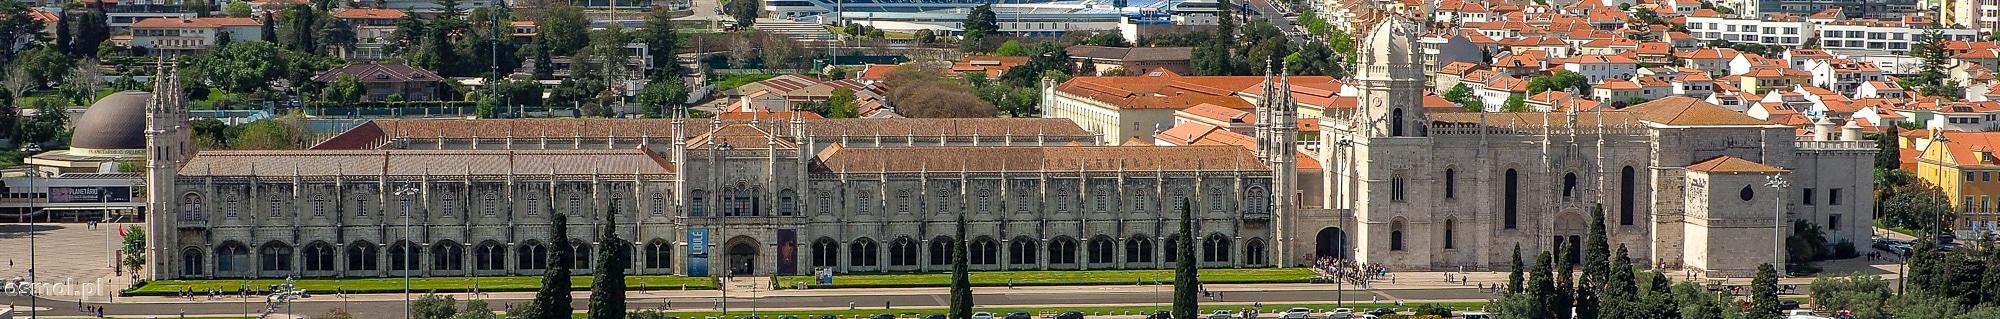 Klasztor Hieronimitów widziany z góry z pobliskiego Pomnika Odkrywców.